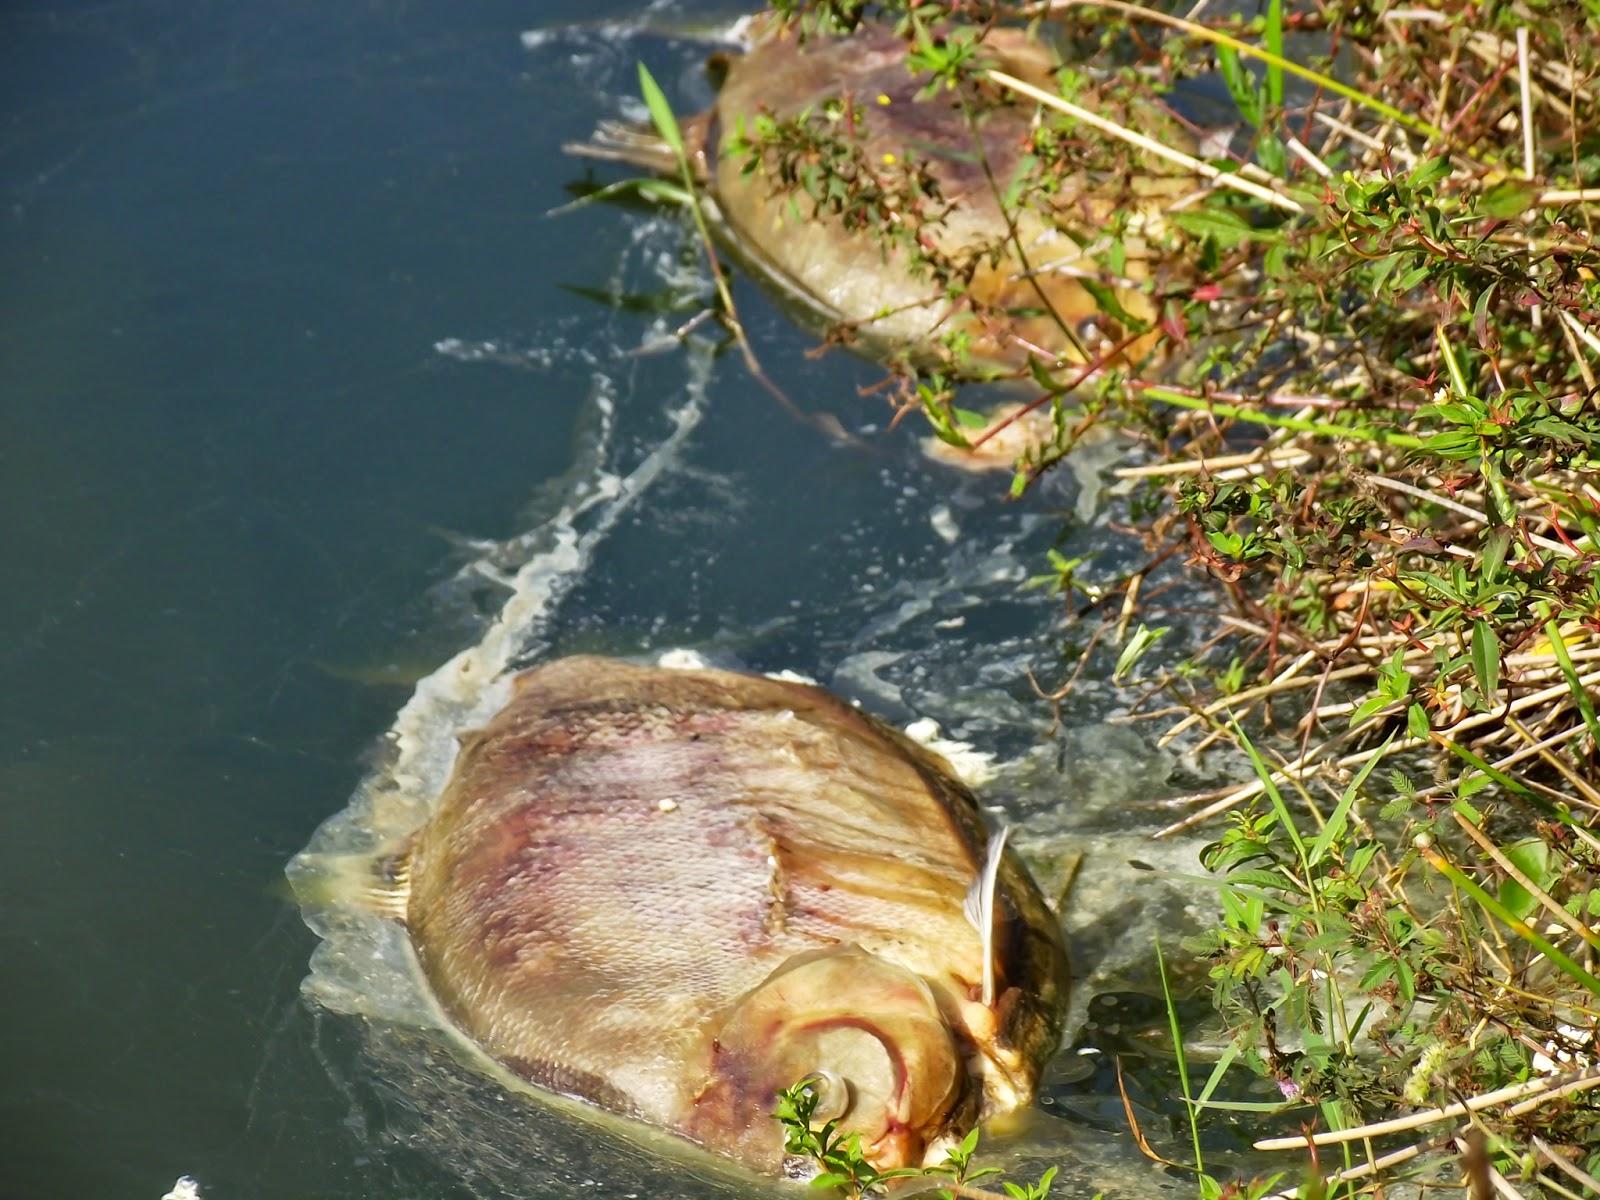 Tubulação de esgoto rompe e causa crime ambiental em Lauro de freitas